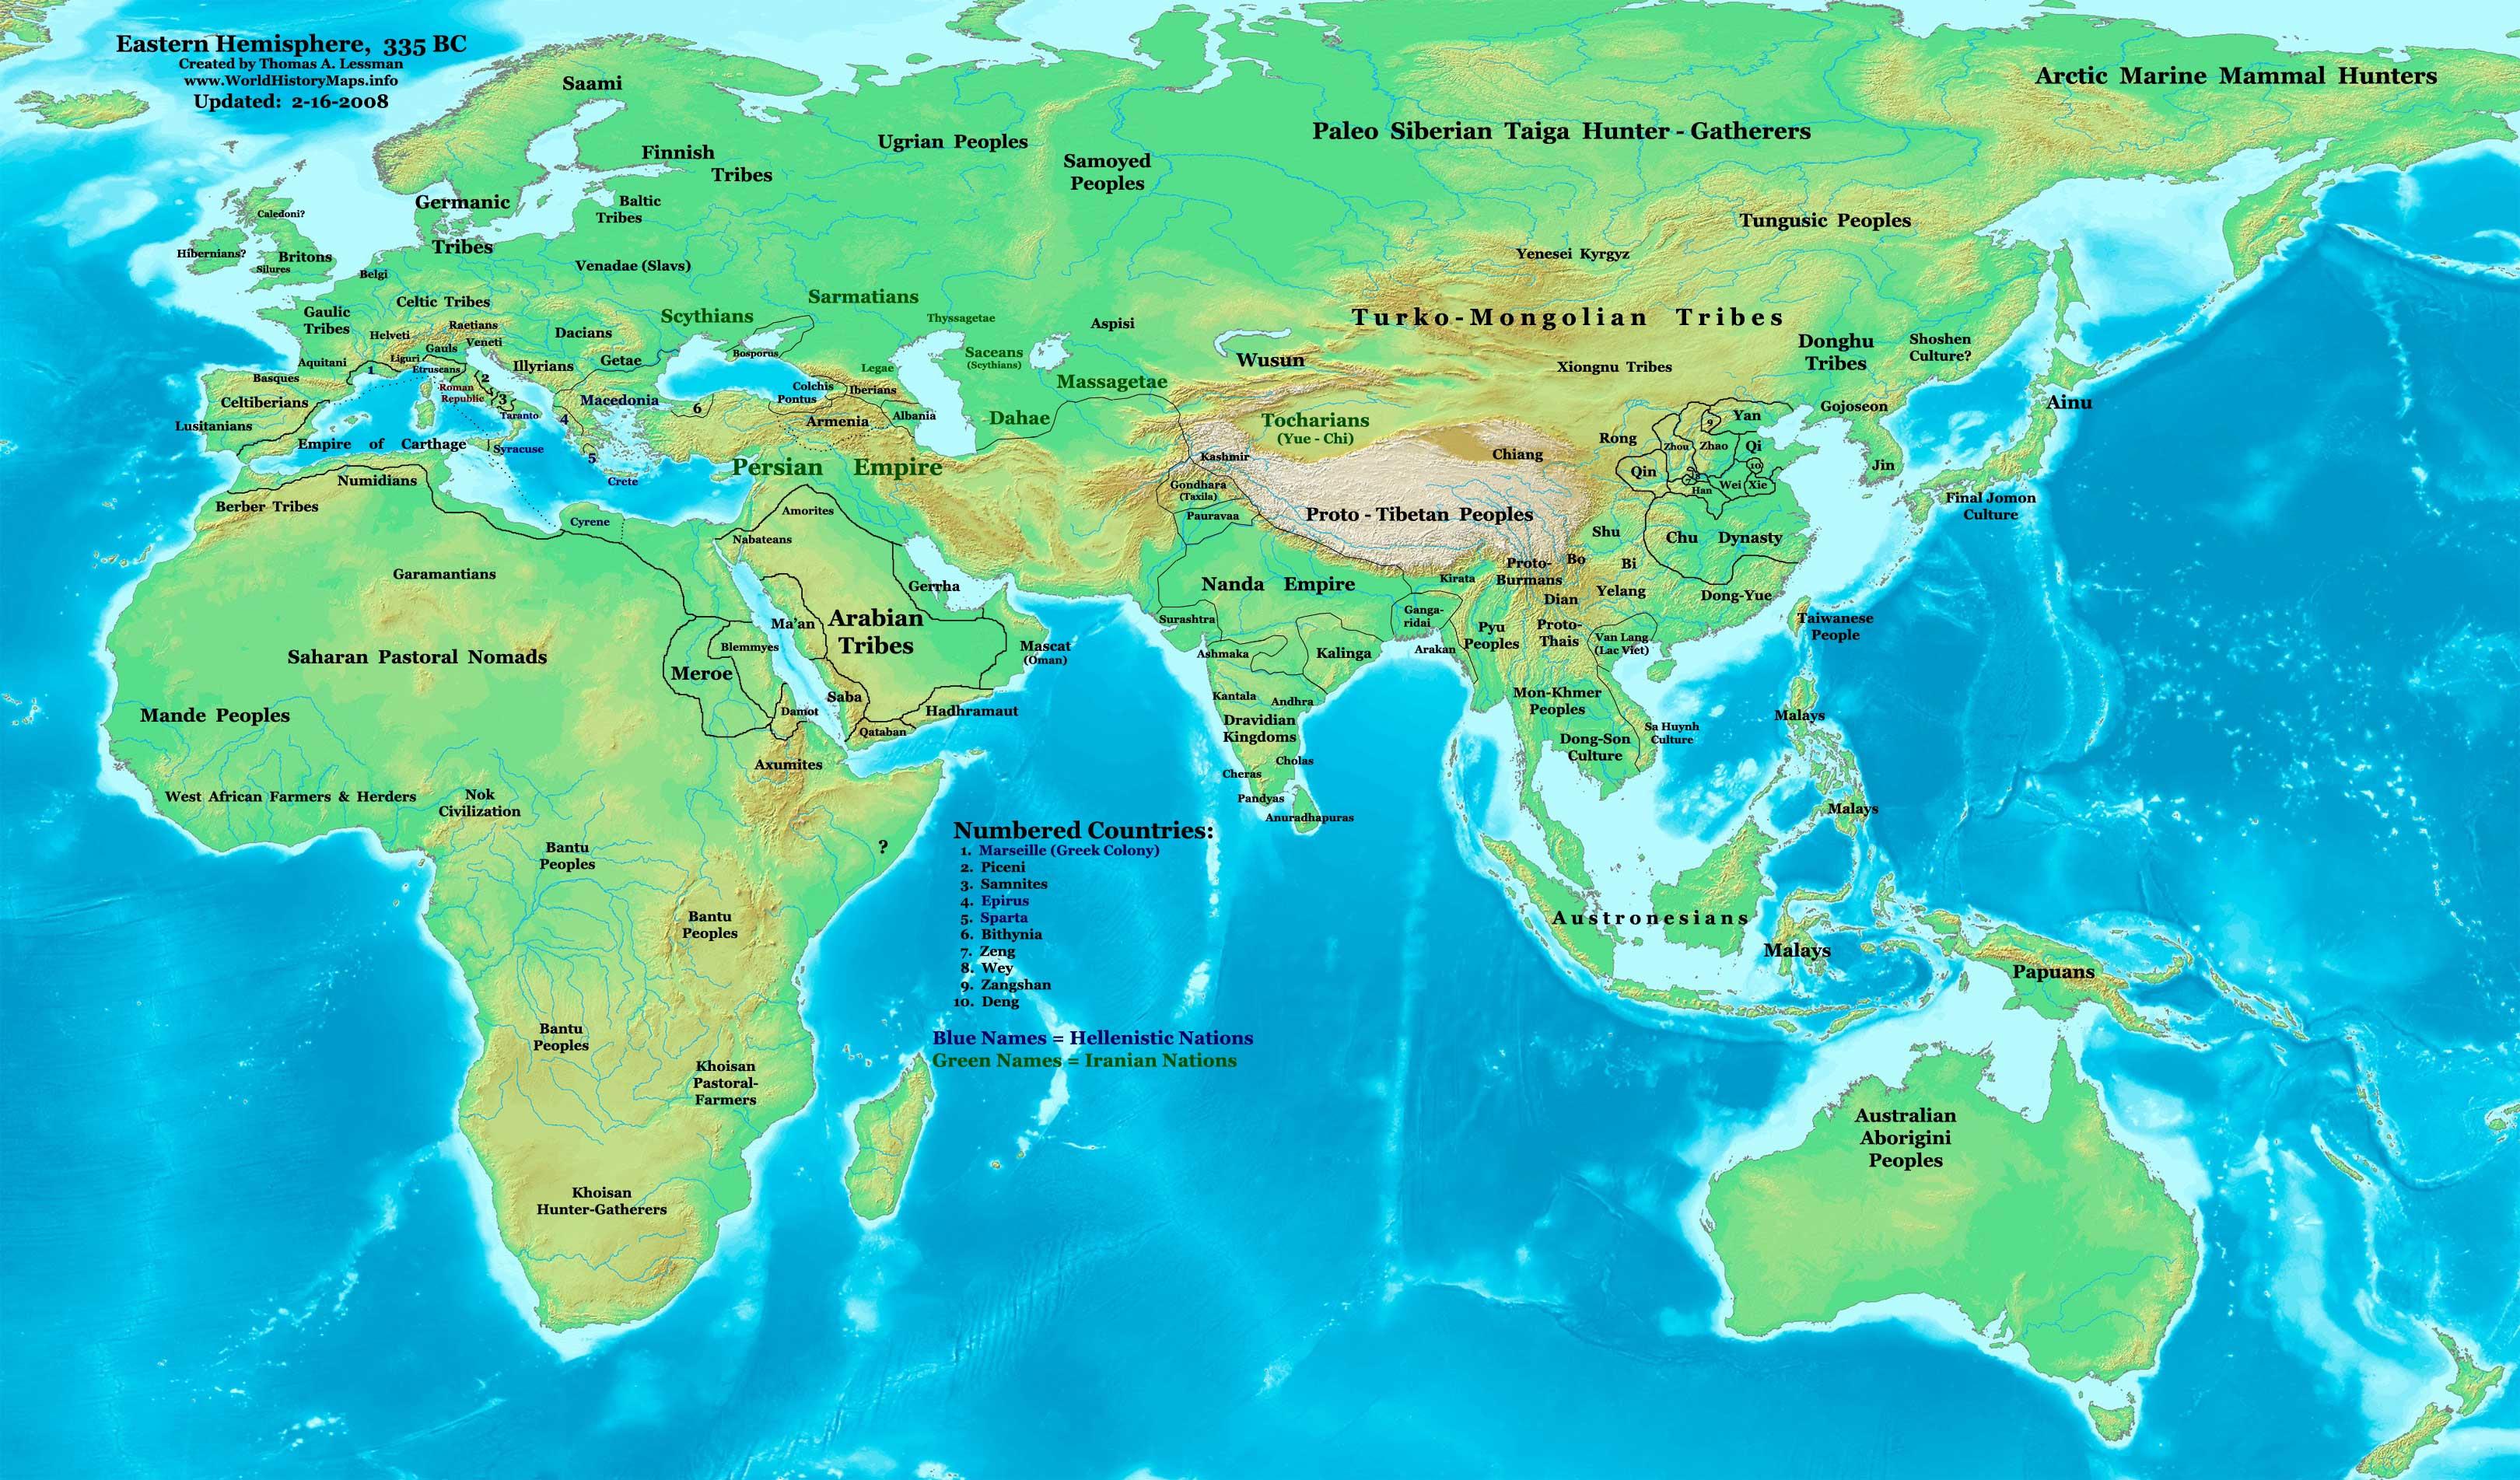 http://worldhistorymaps.info/images/East-Hem_335bc.jpg